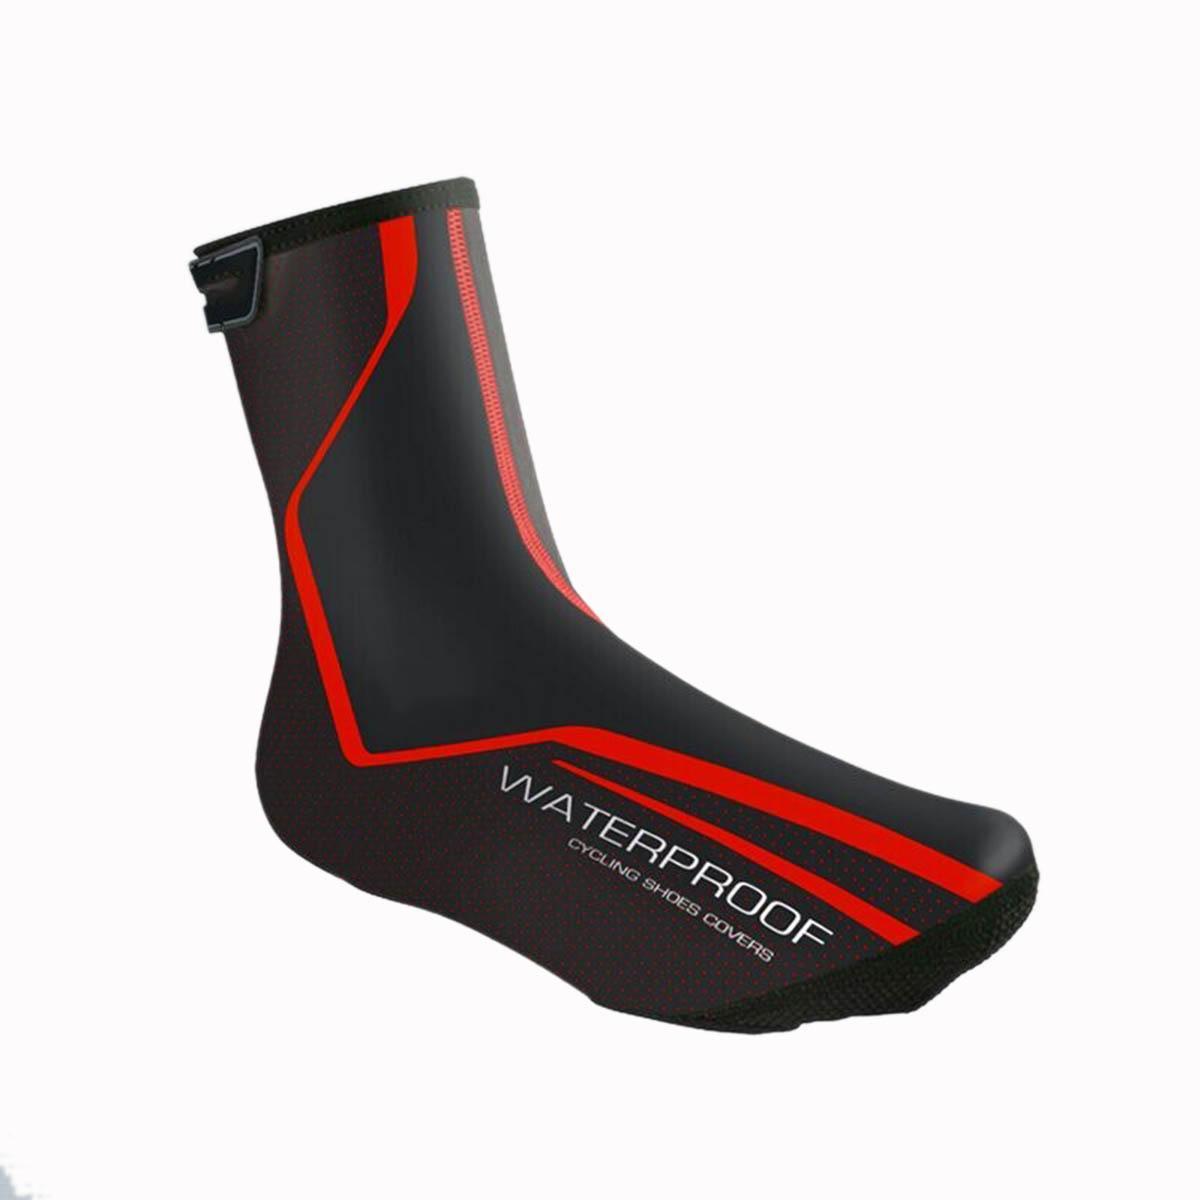 PU Tissu 1 paire Camping Randonnée Chaussures Couverture Résistant À L'eau Zipper sur le dos Support De Cheville Sport Chaussures de sécurité Couverture Pour Unisexe